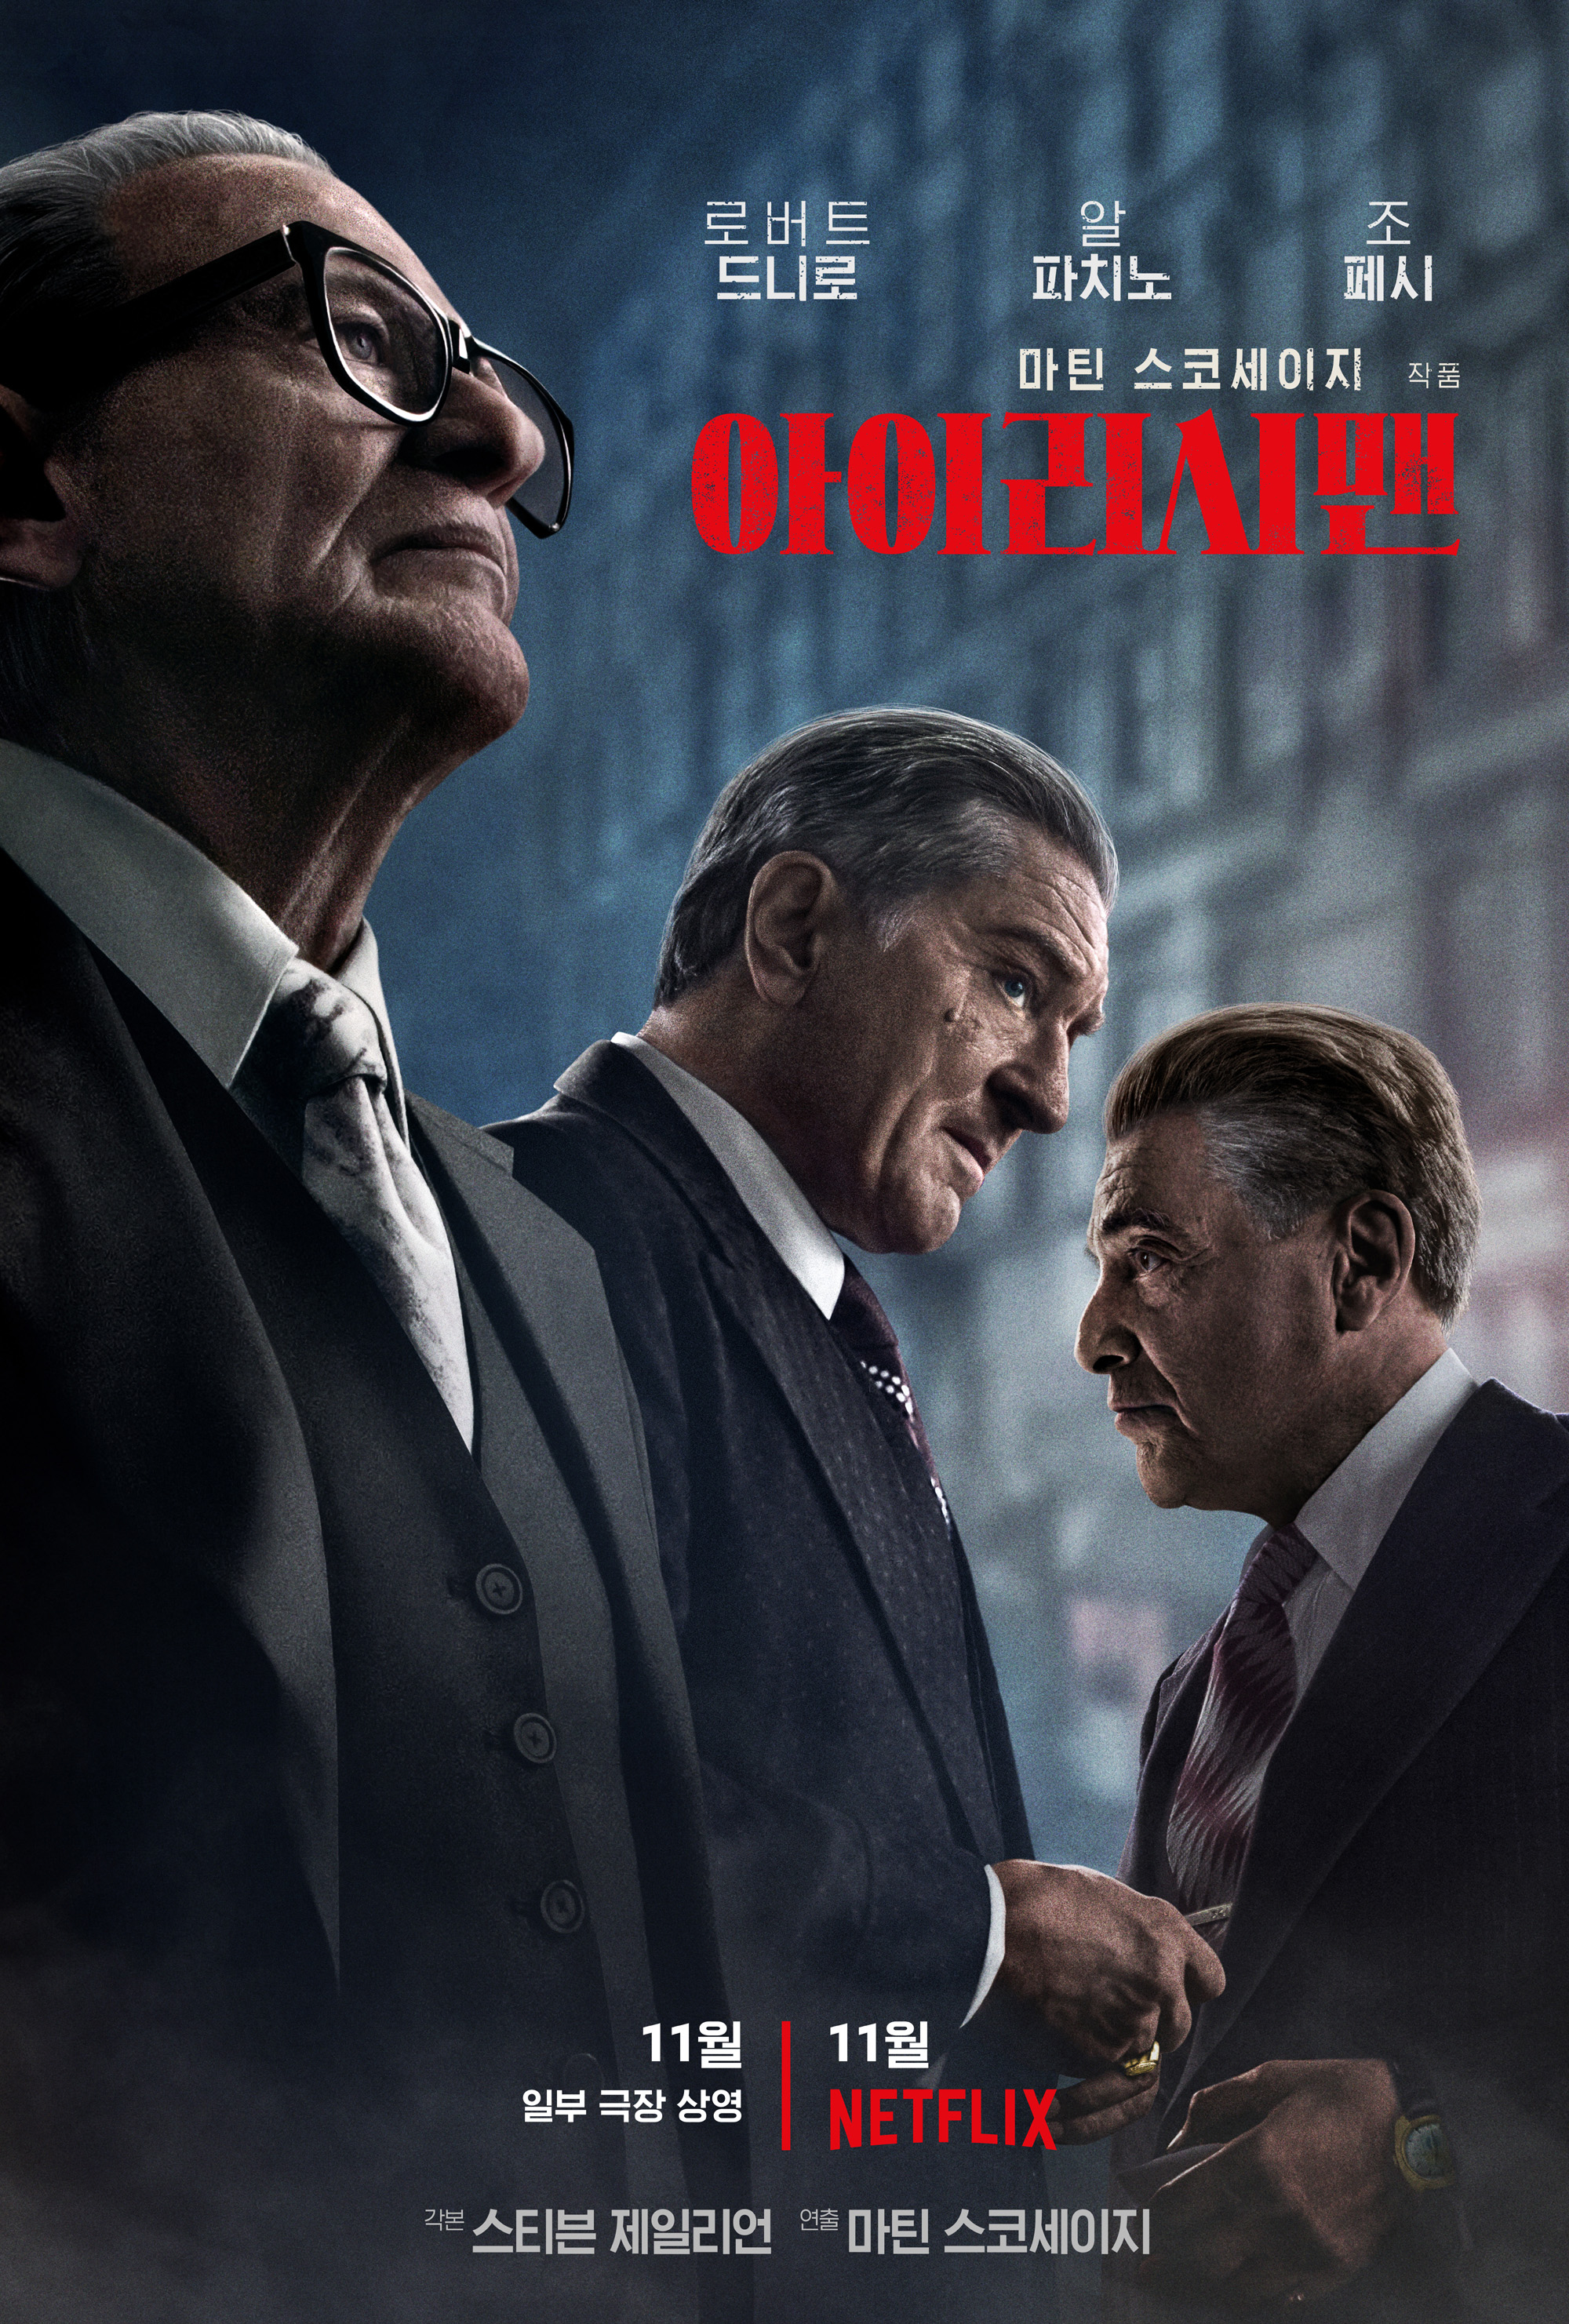 2019 美国《爱尔兰人》讲述了战后美国有组织犯罪的故事